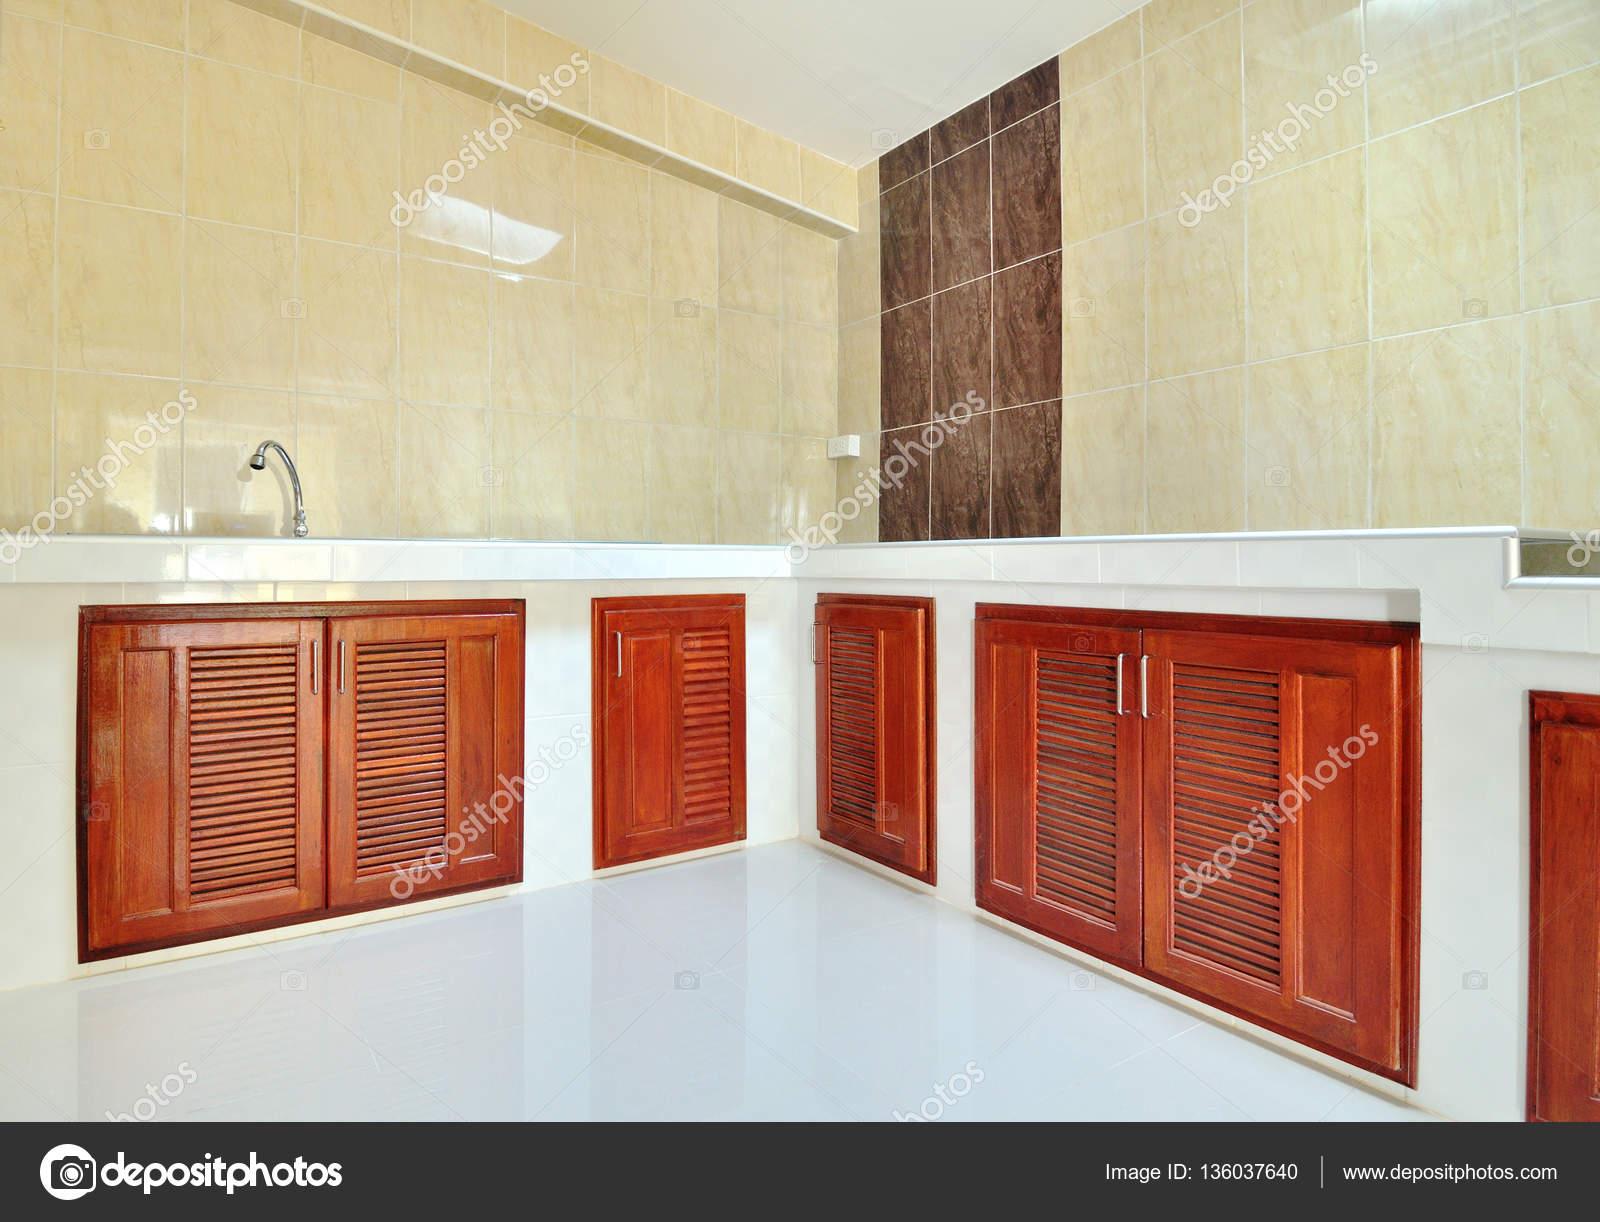 Keuken Beige Tegels : Lege betonnen teller keuken met beige wand tegel u stockfoto